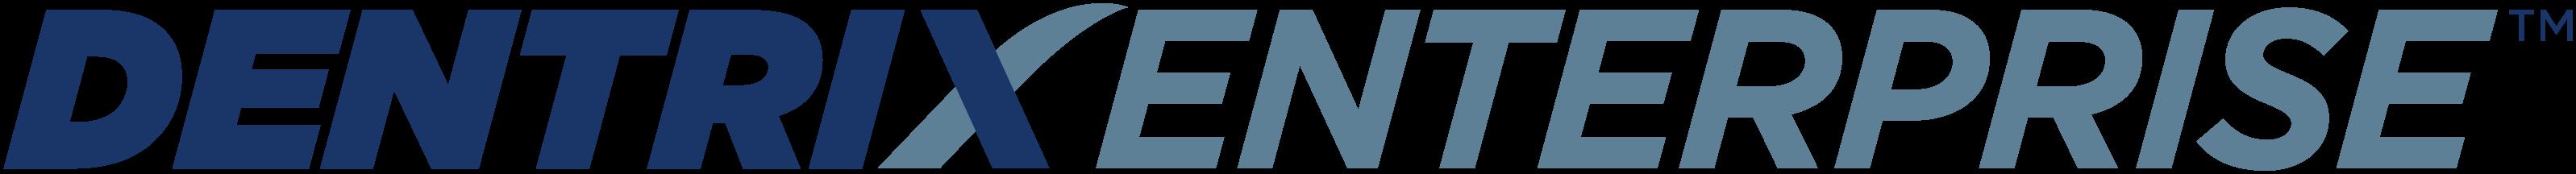 Dentrixenterprise Logo